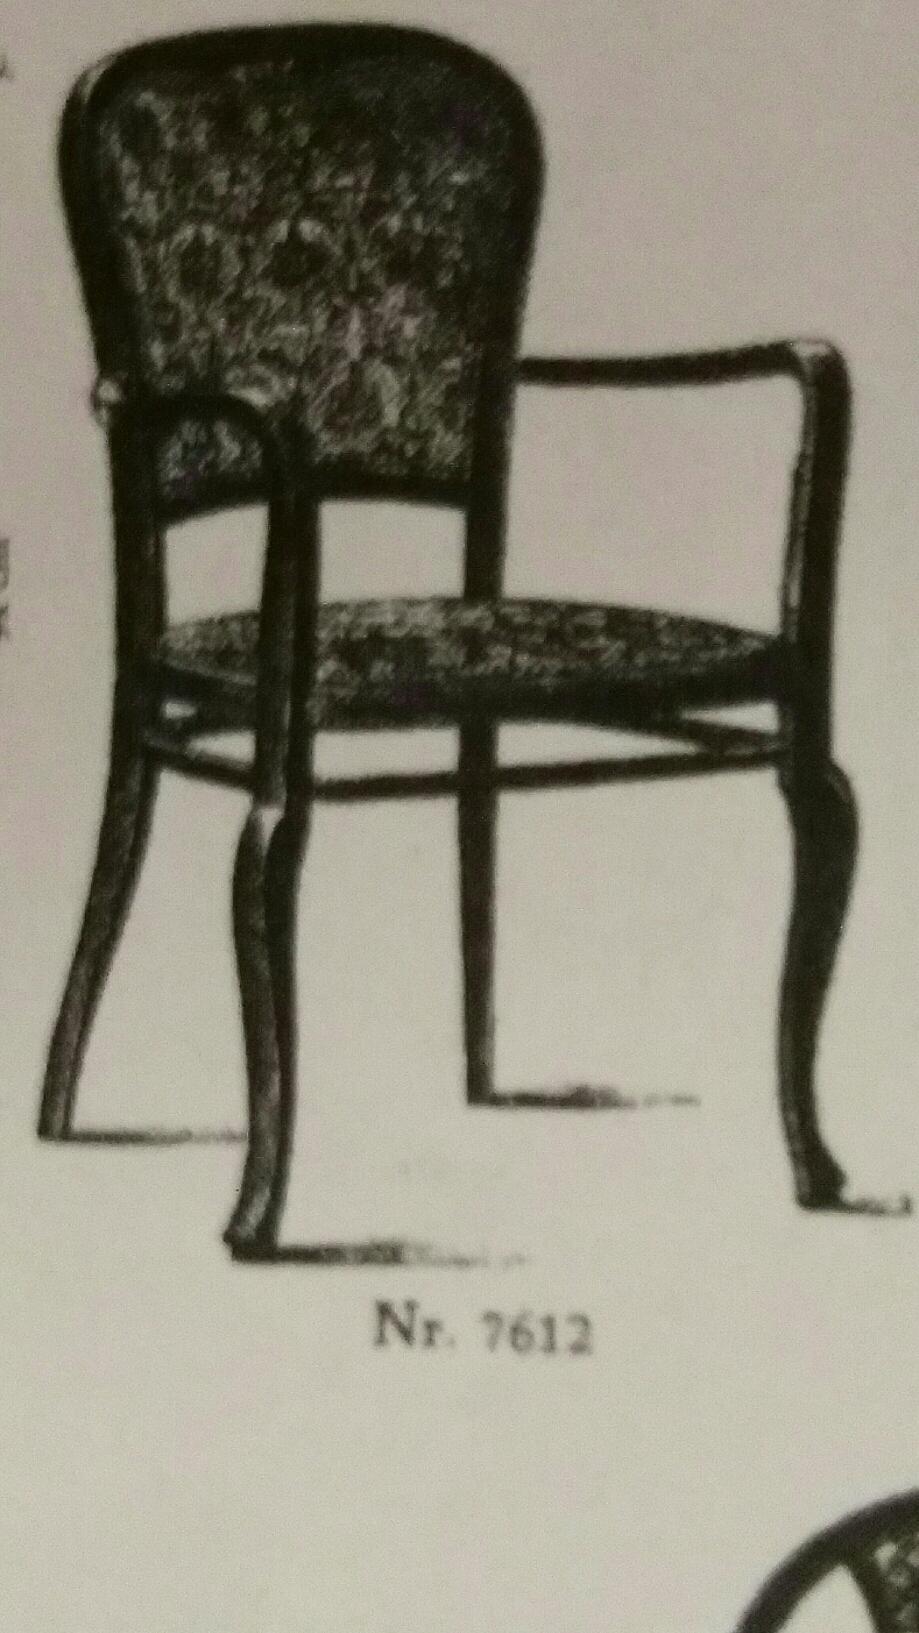 Thonet Katalog 1911-1915